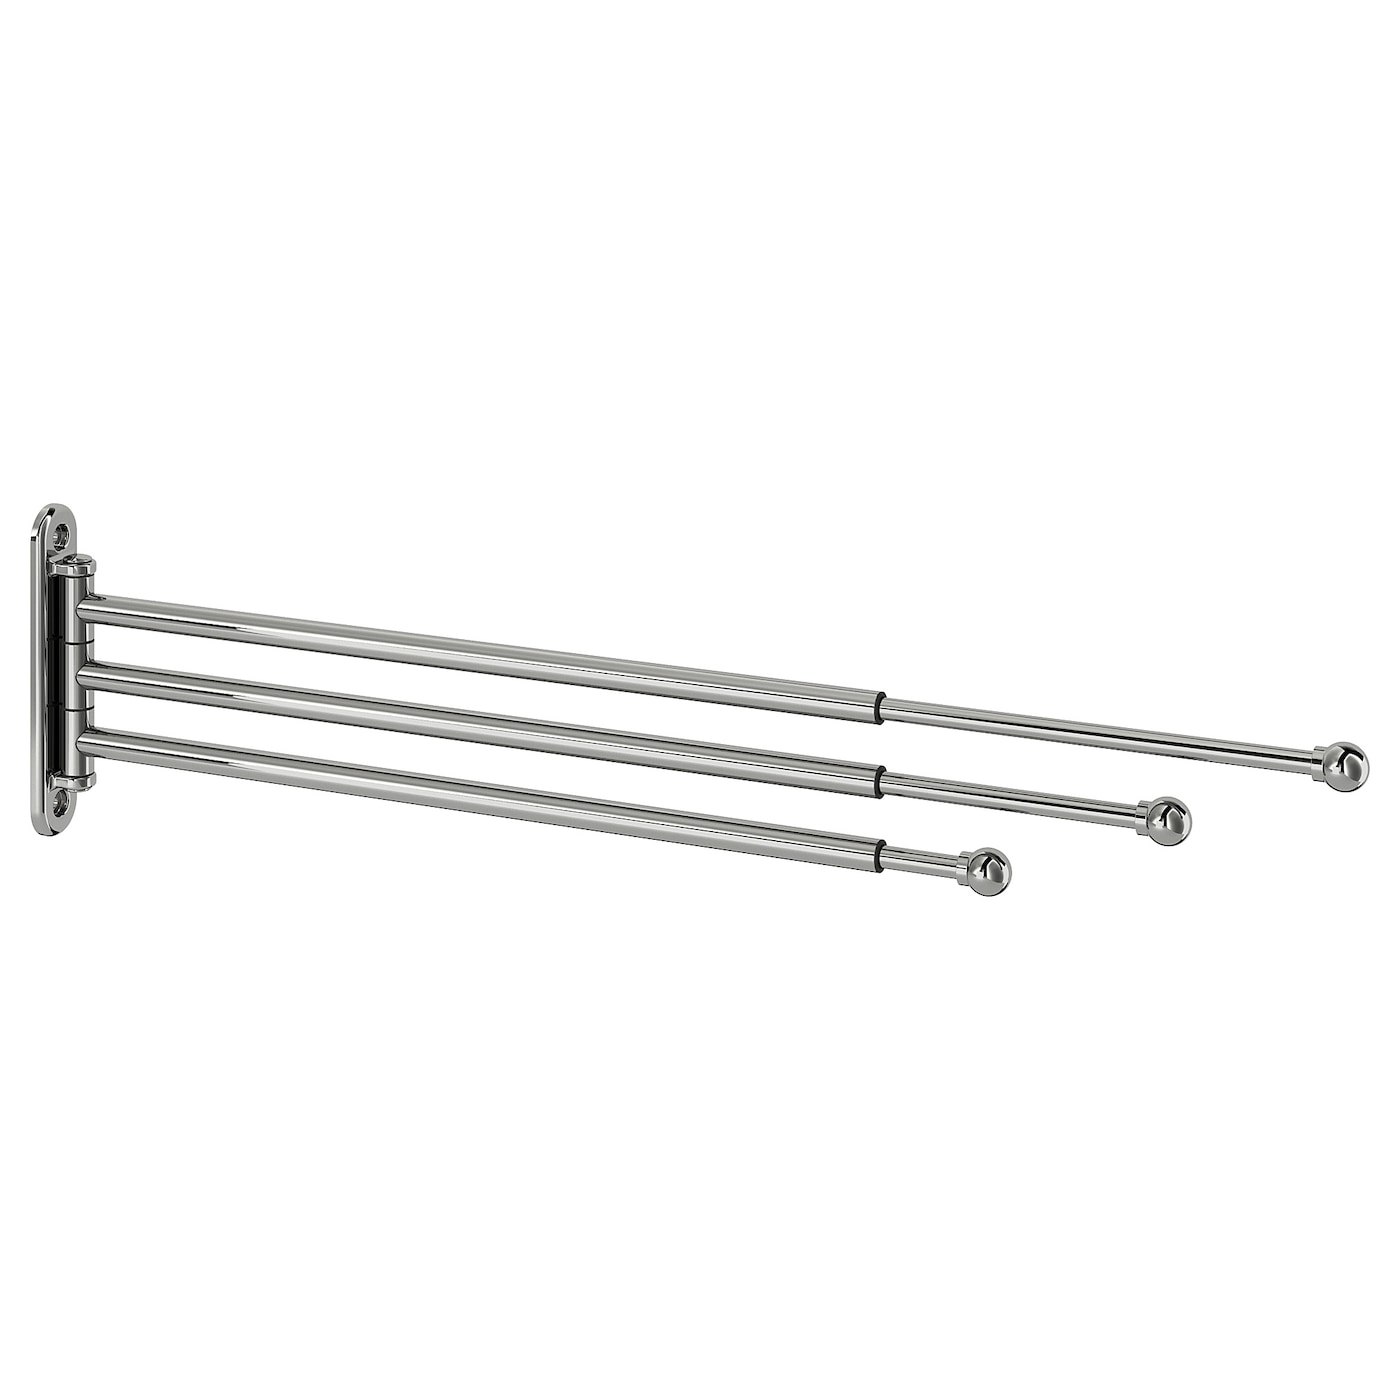 IKEA - VOXNAN Handdoekenrek 3-armig